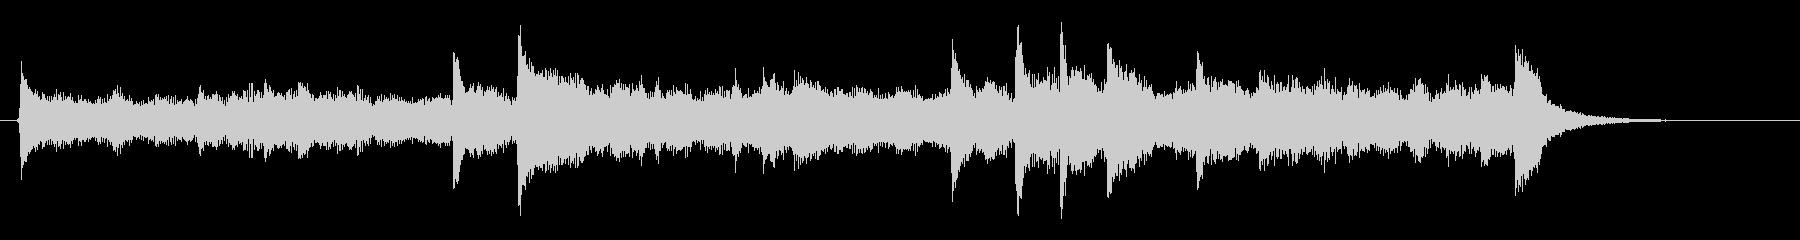 ピアノとストリングスのヒーリングの未再生の波形